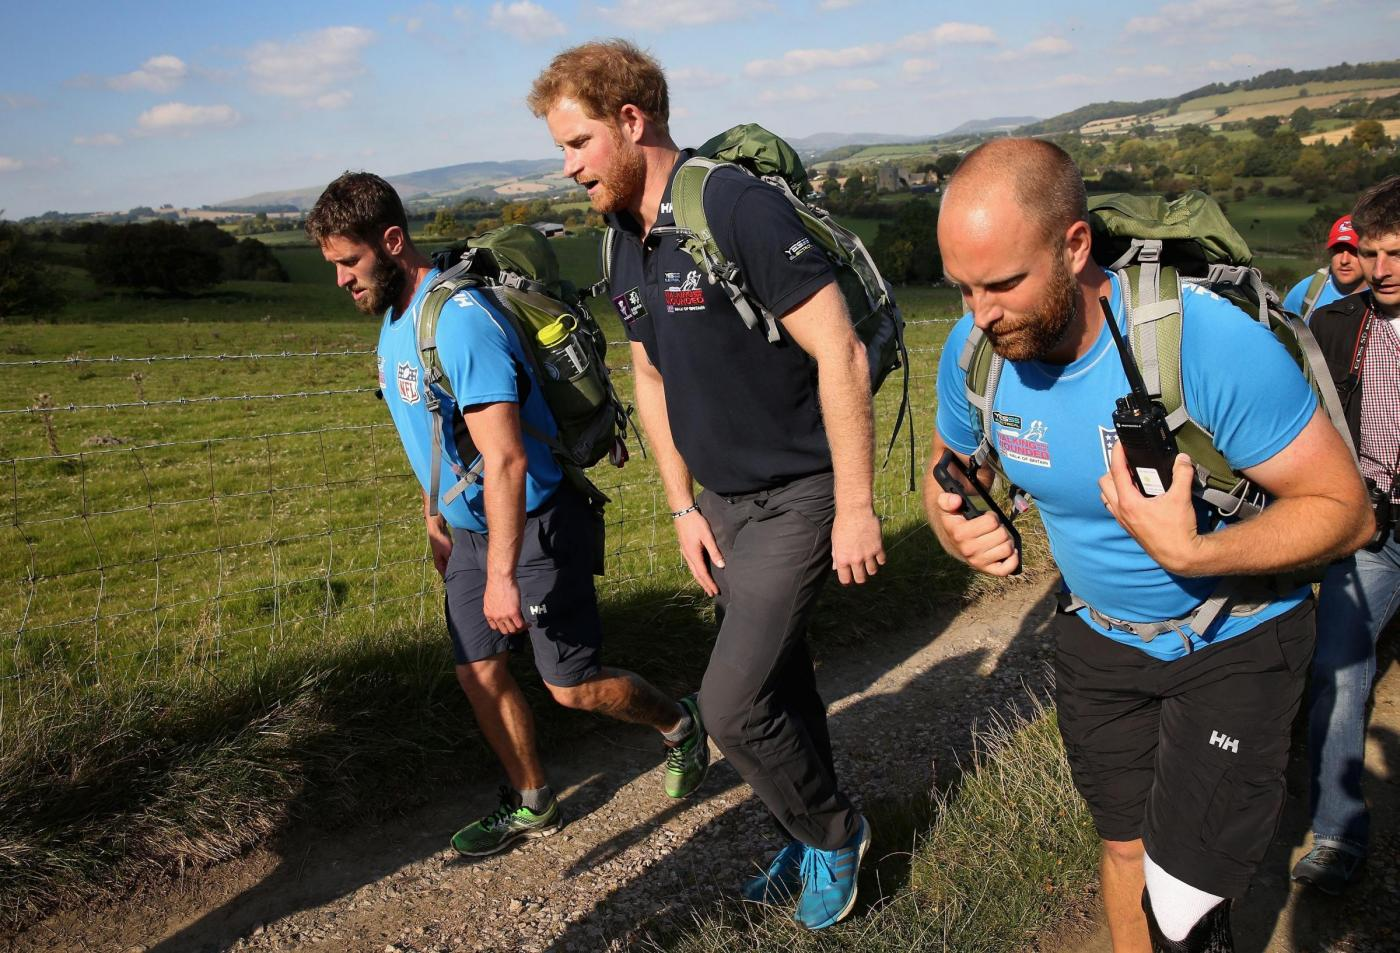 Harry in marcia con i reduci: barba incolta, look sportivo6